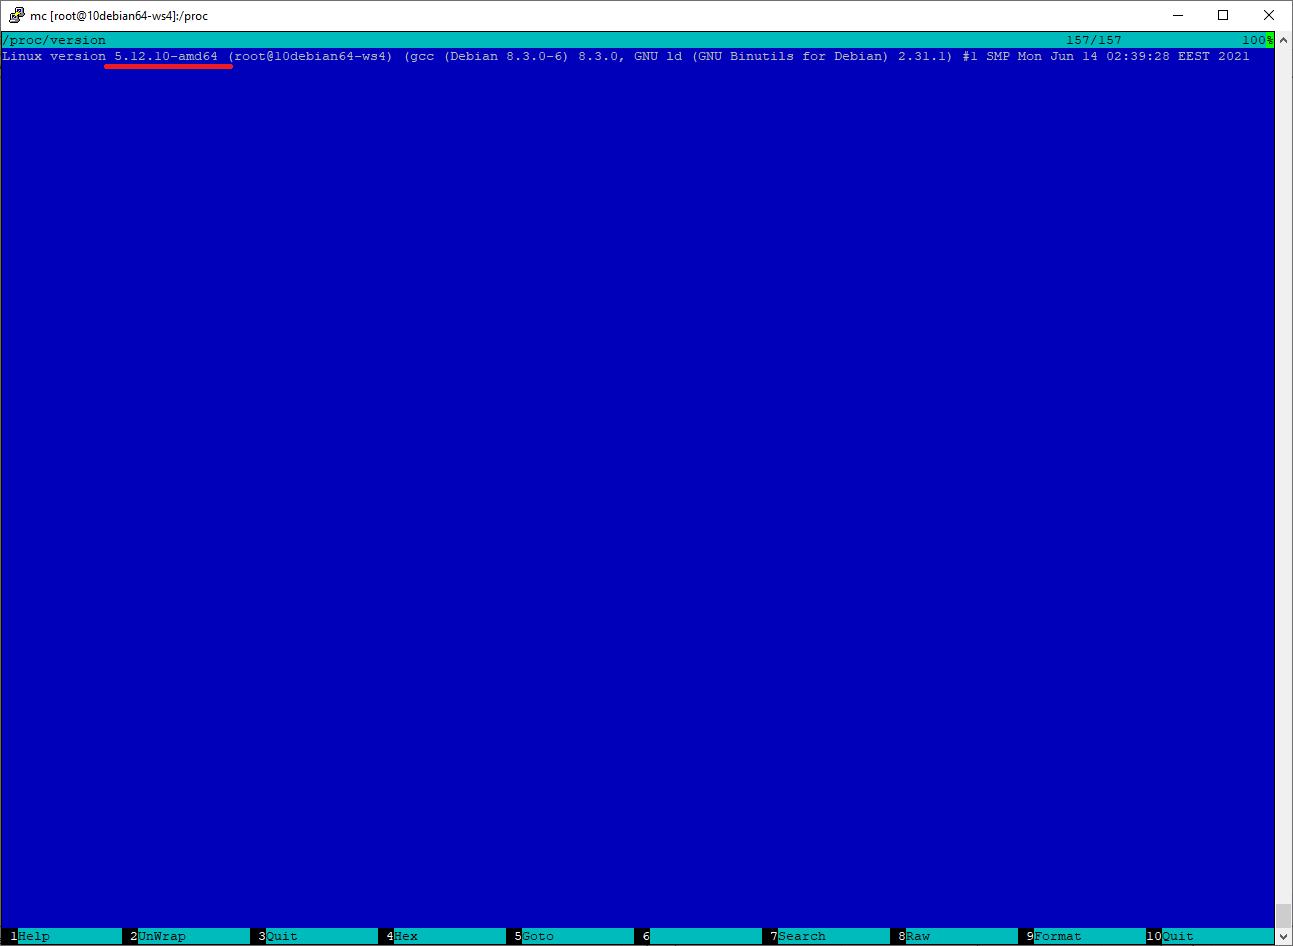 linux.kernel.build.scr.19.png